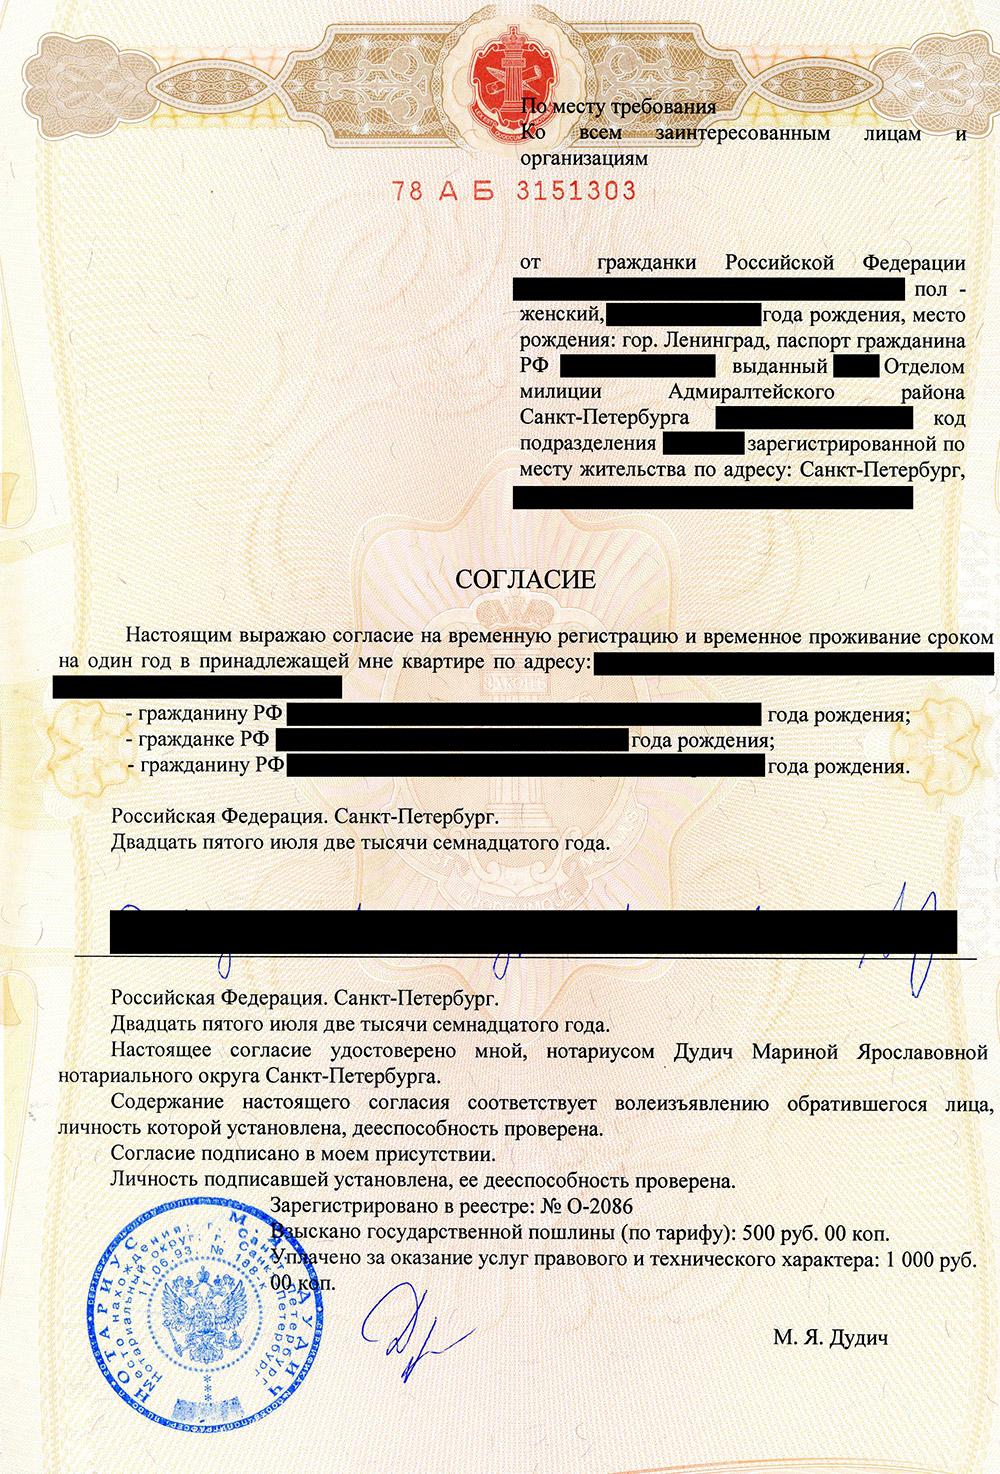 Согласие на временную регистрацию нанимателей